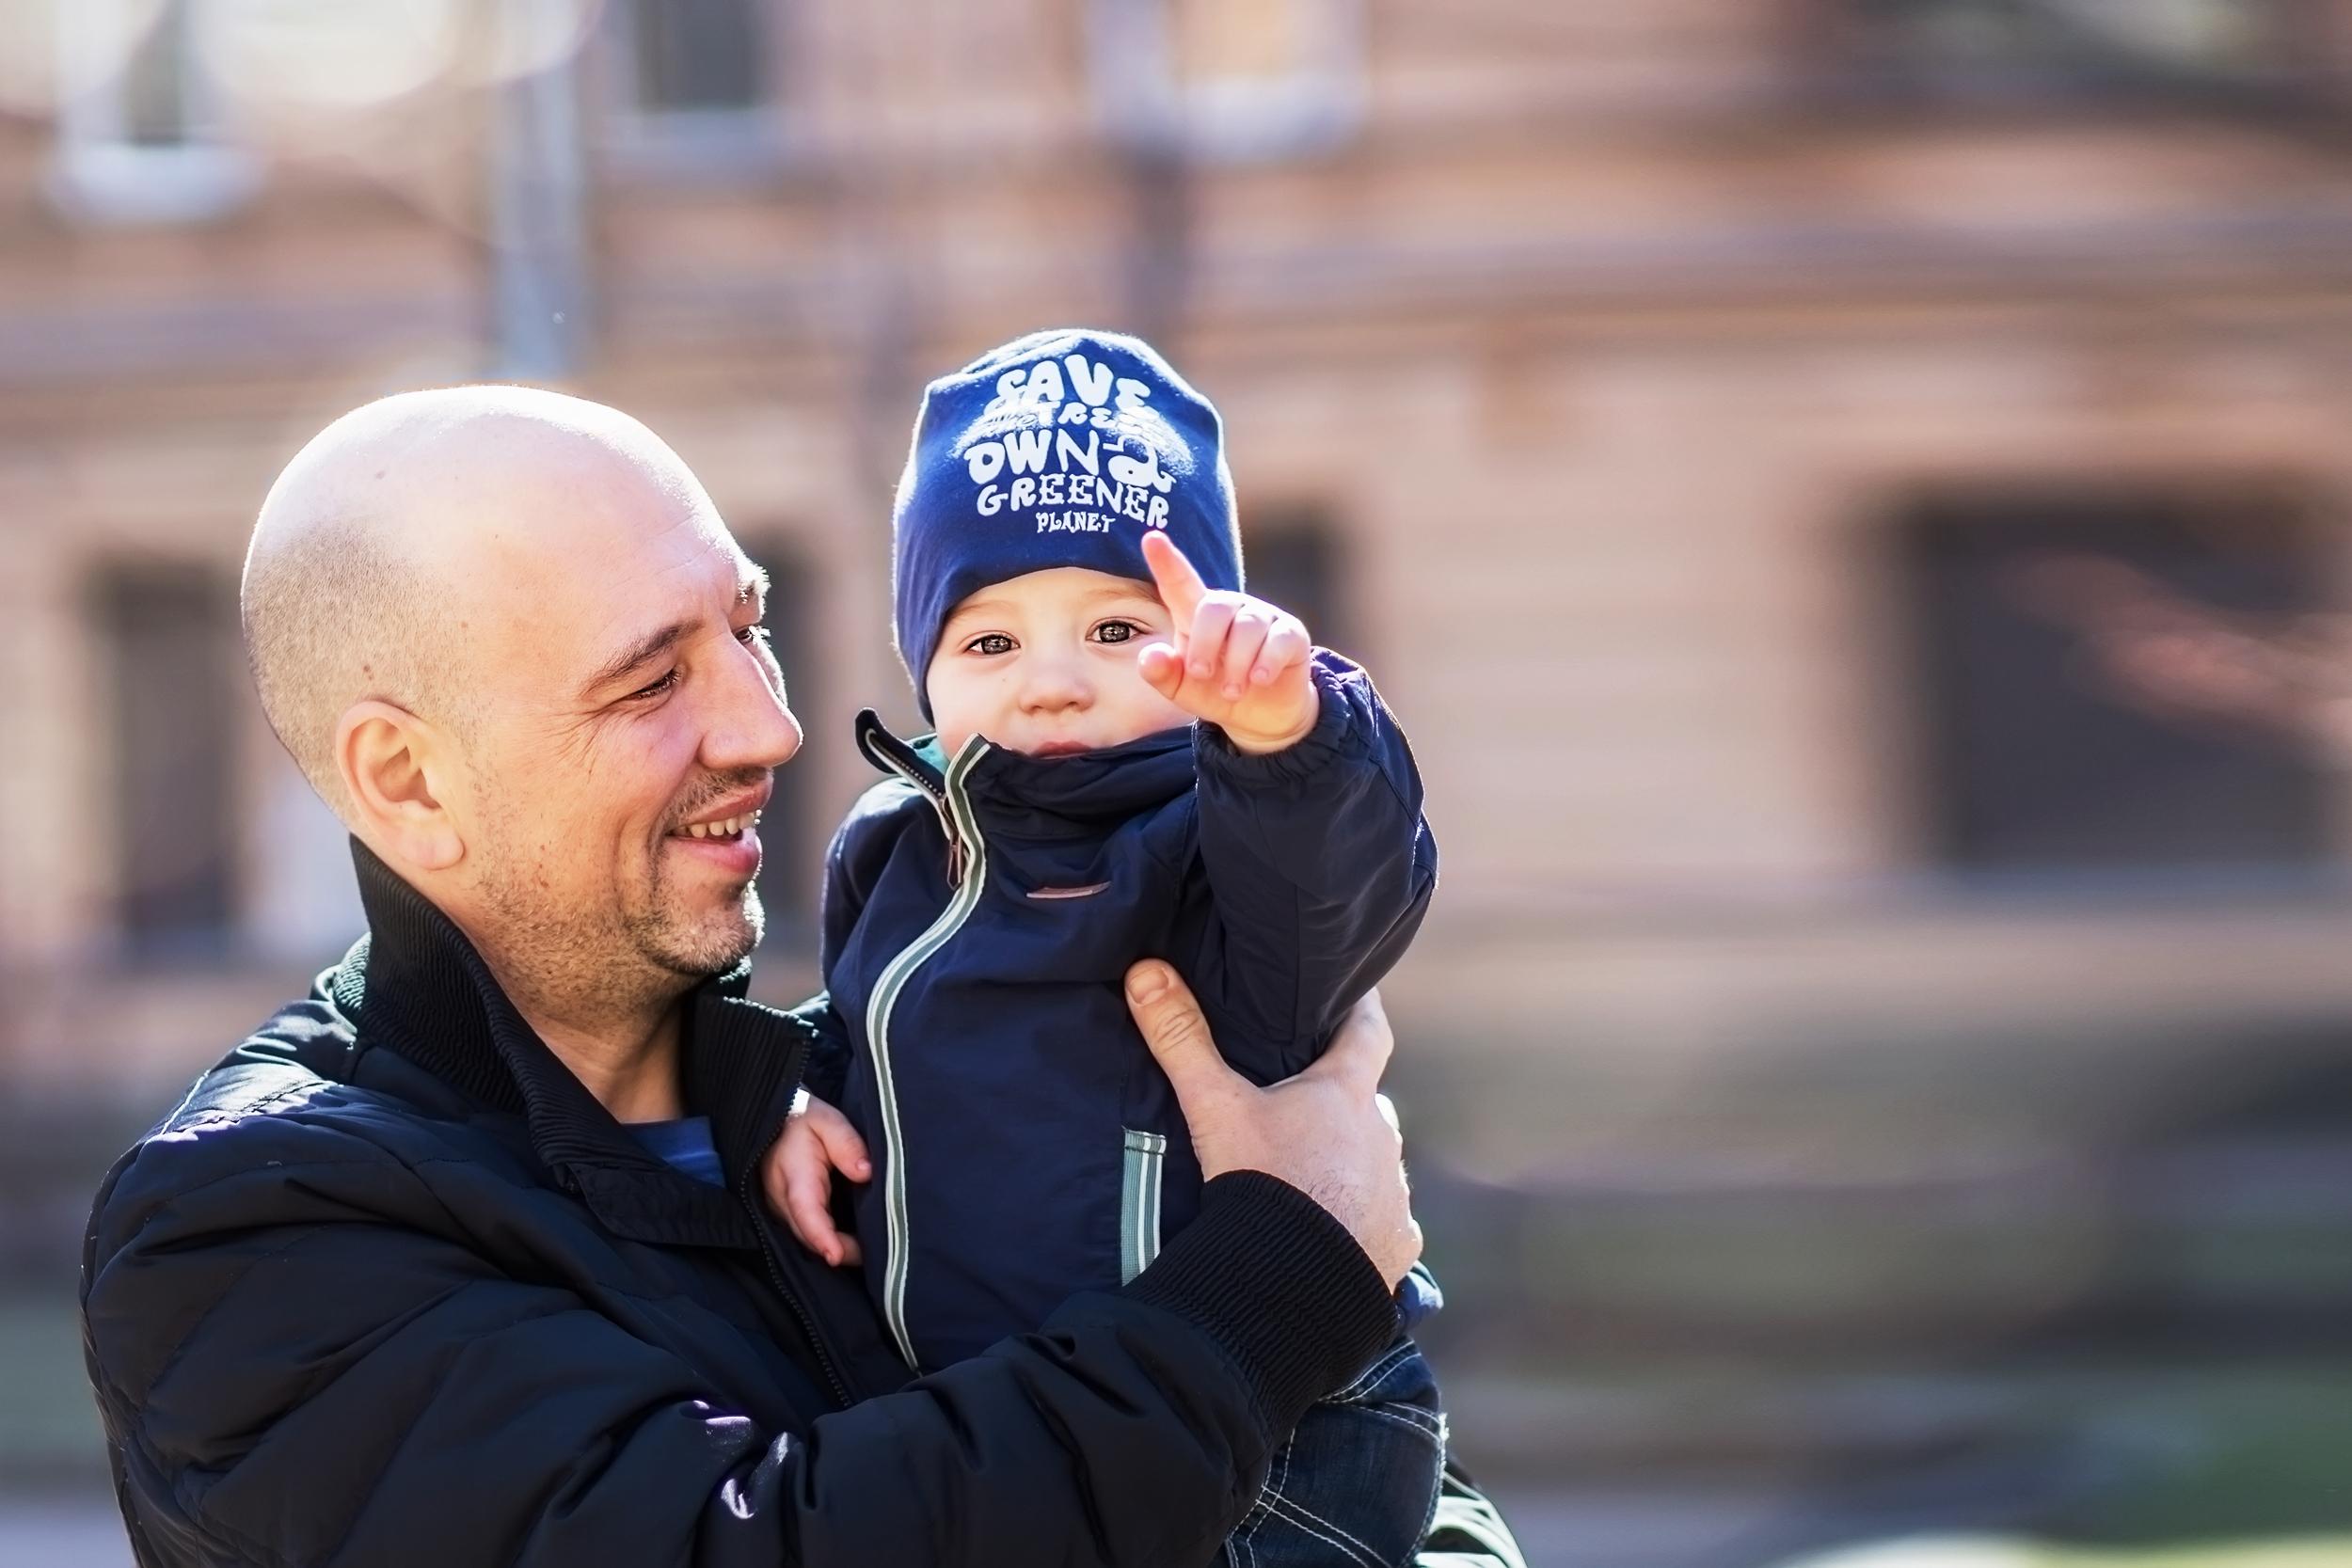 Enligt en ny, svensk observationsstudien lever man längre om man har barn. Sambandet var något tydligare bland männen.